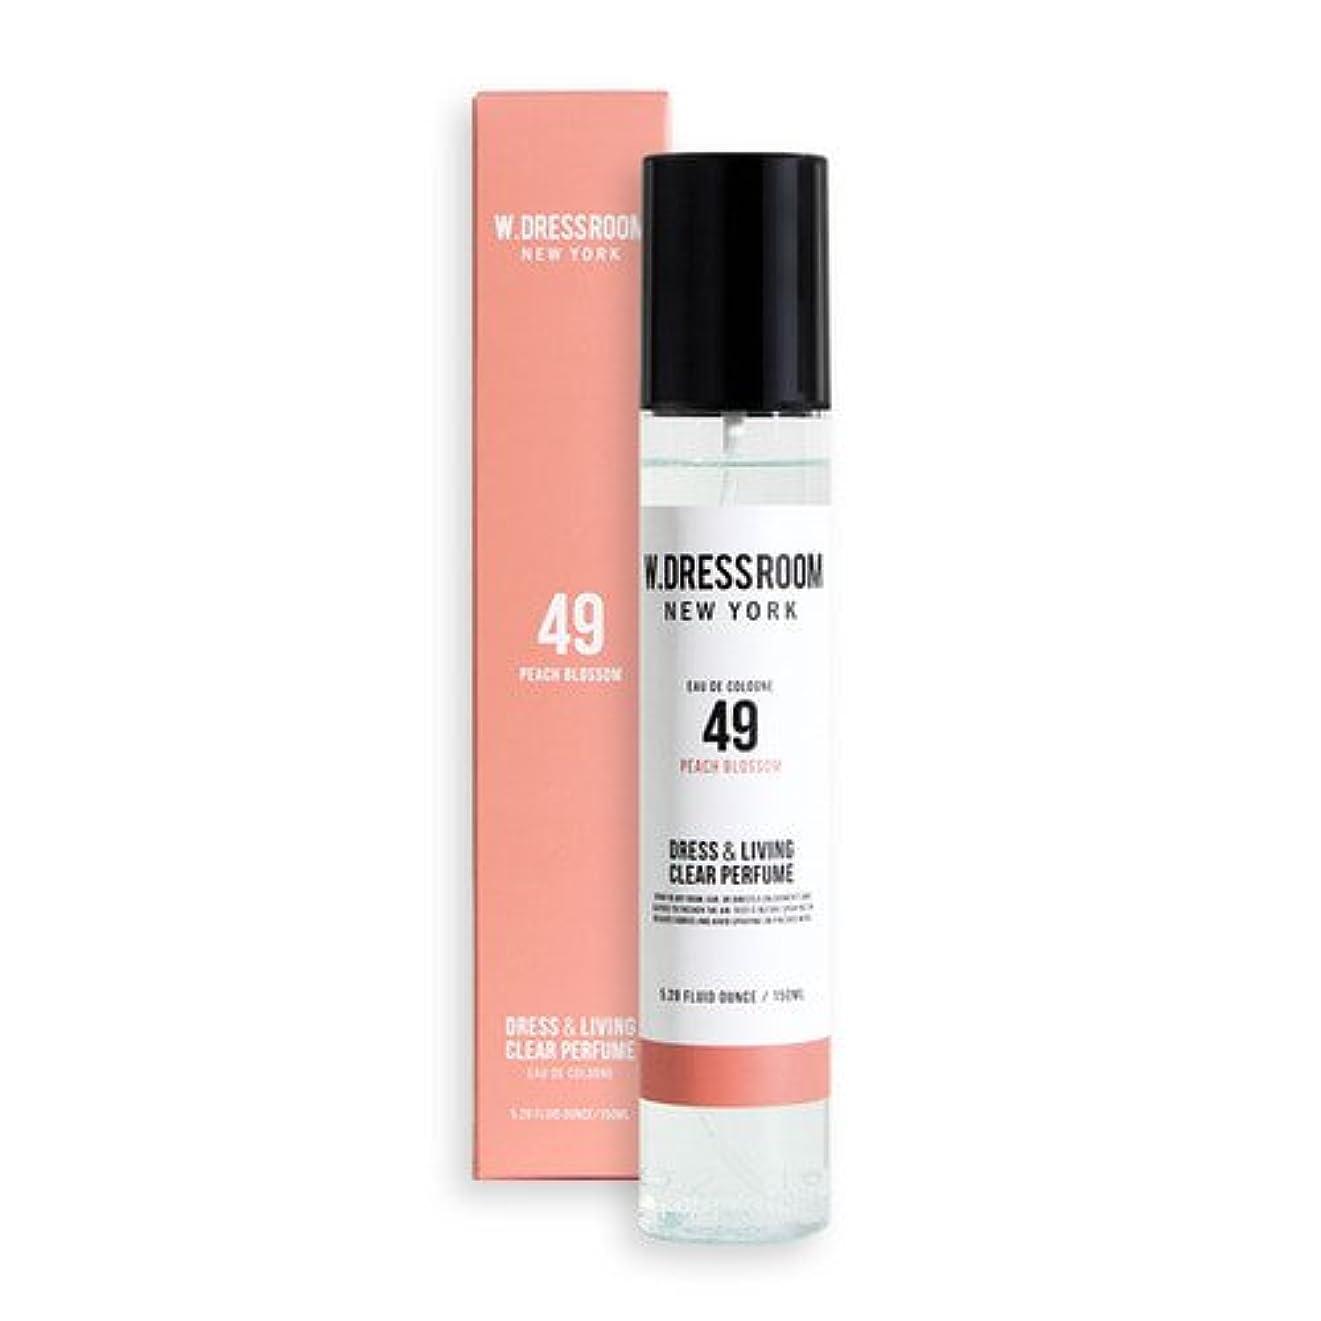 補充ストライクハリケーンW.DRESSROOM Dress & Living Clear Perfume 150ml/ダブルドレスルーム ドレス&リビング クリア パフューム 150ml (#No.49 Peach Blossom) [並行輸入品]